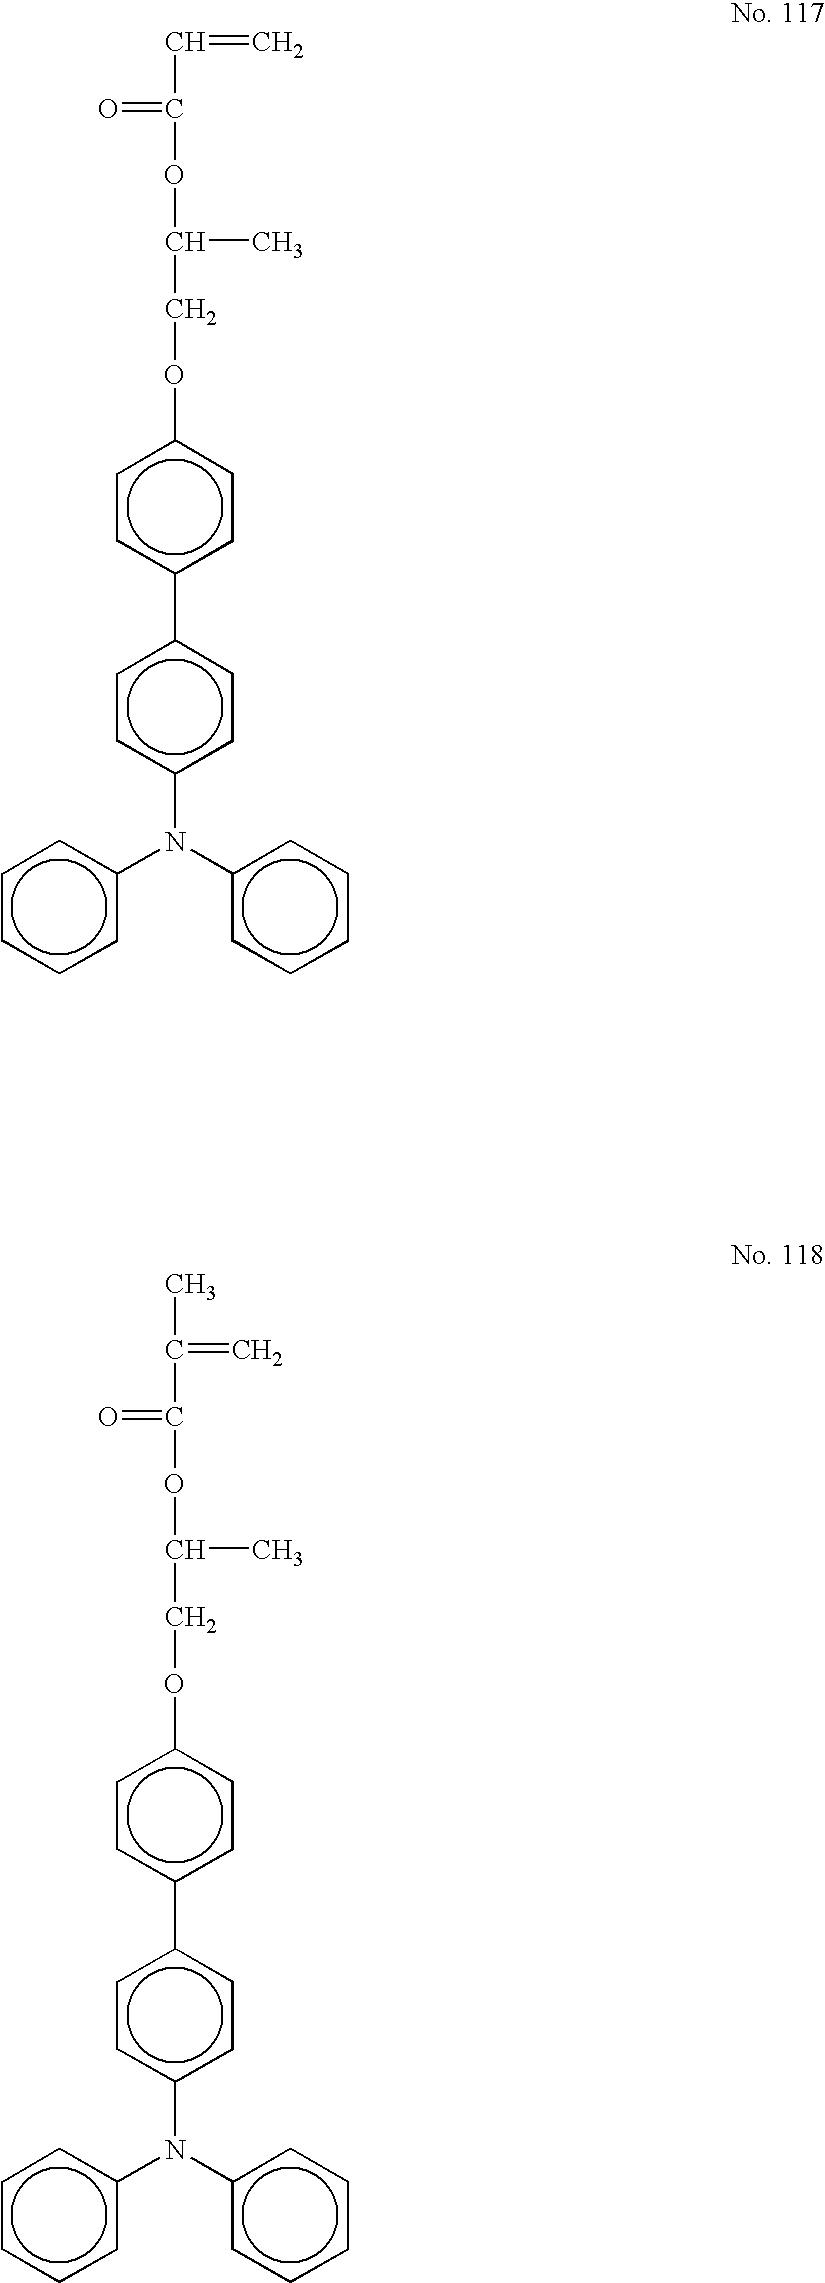 Figure US20060177749A1-20060810-C00058